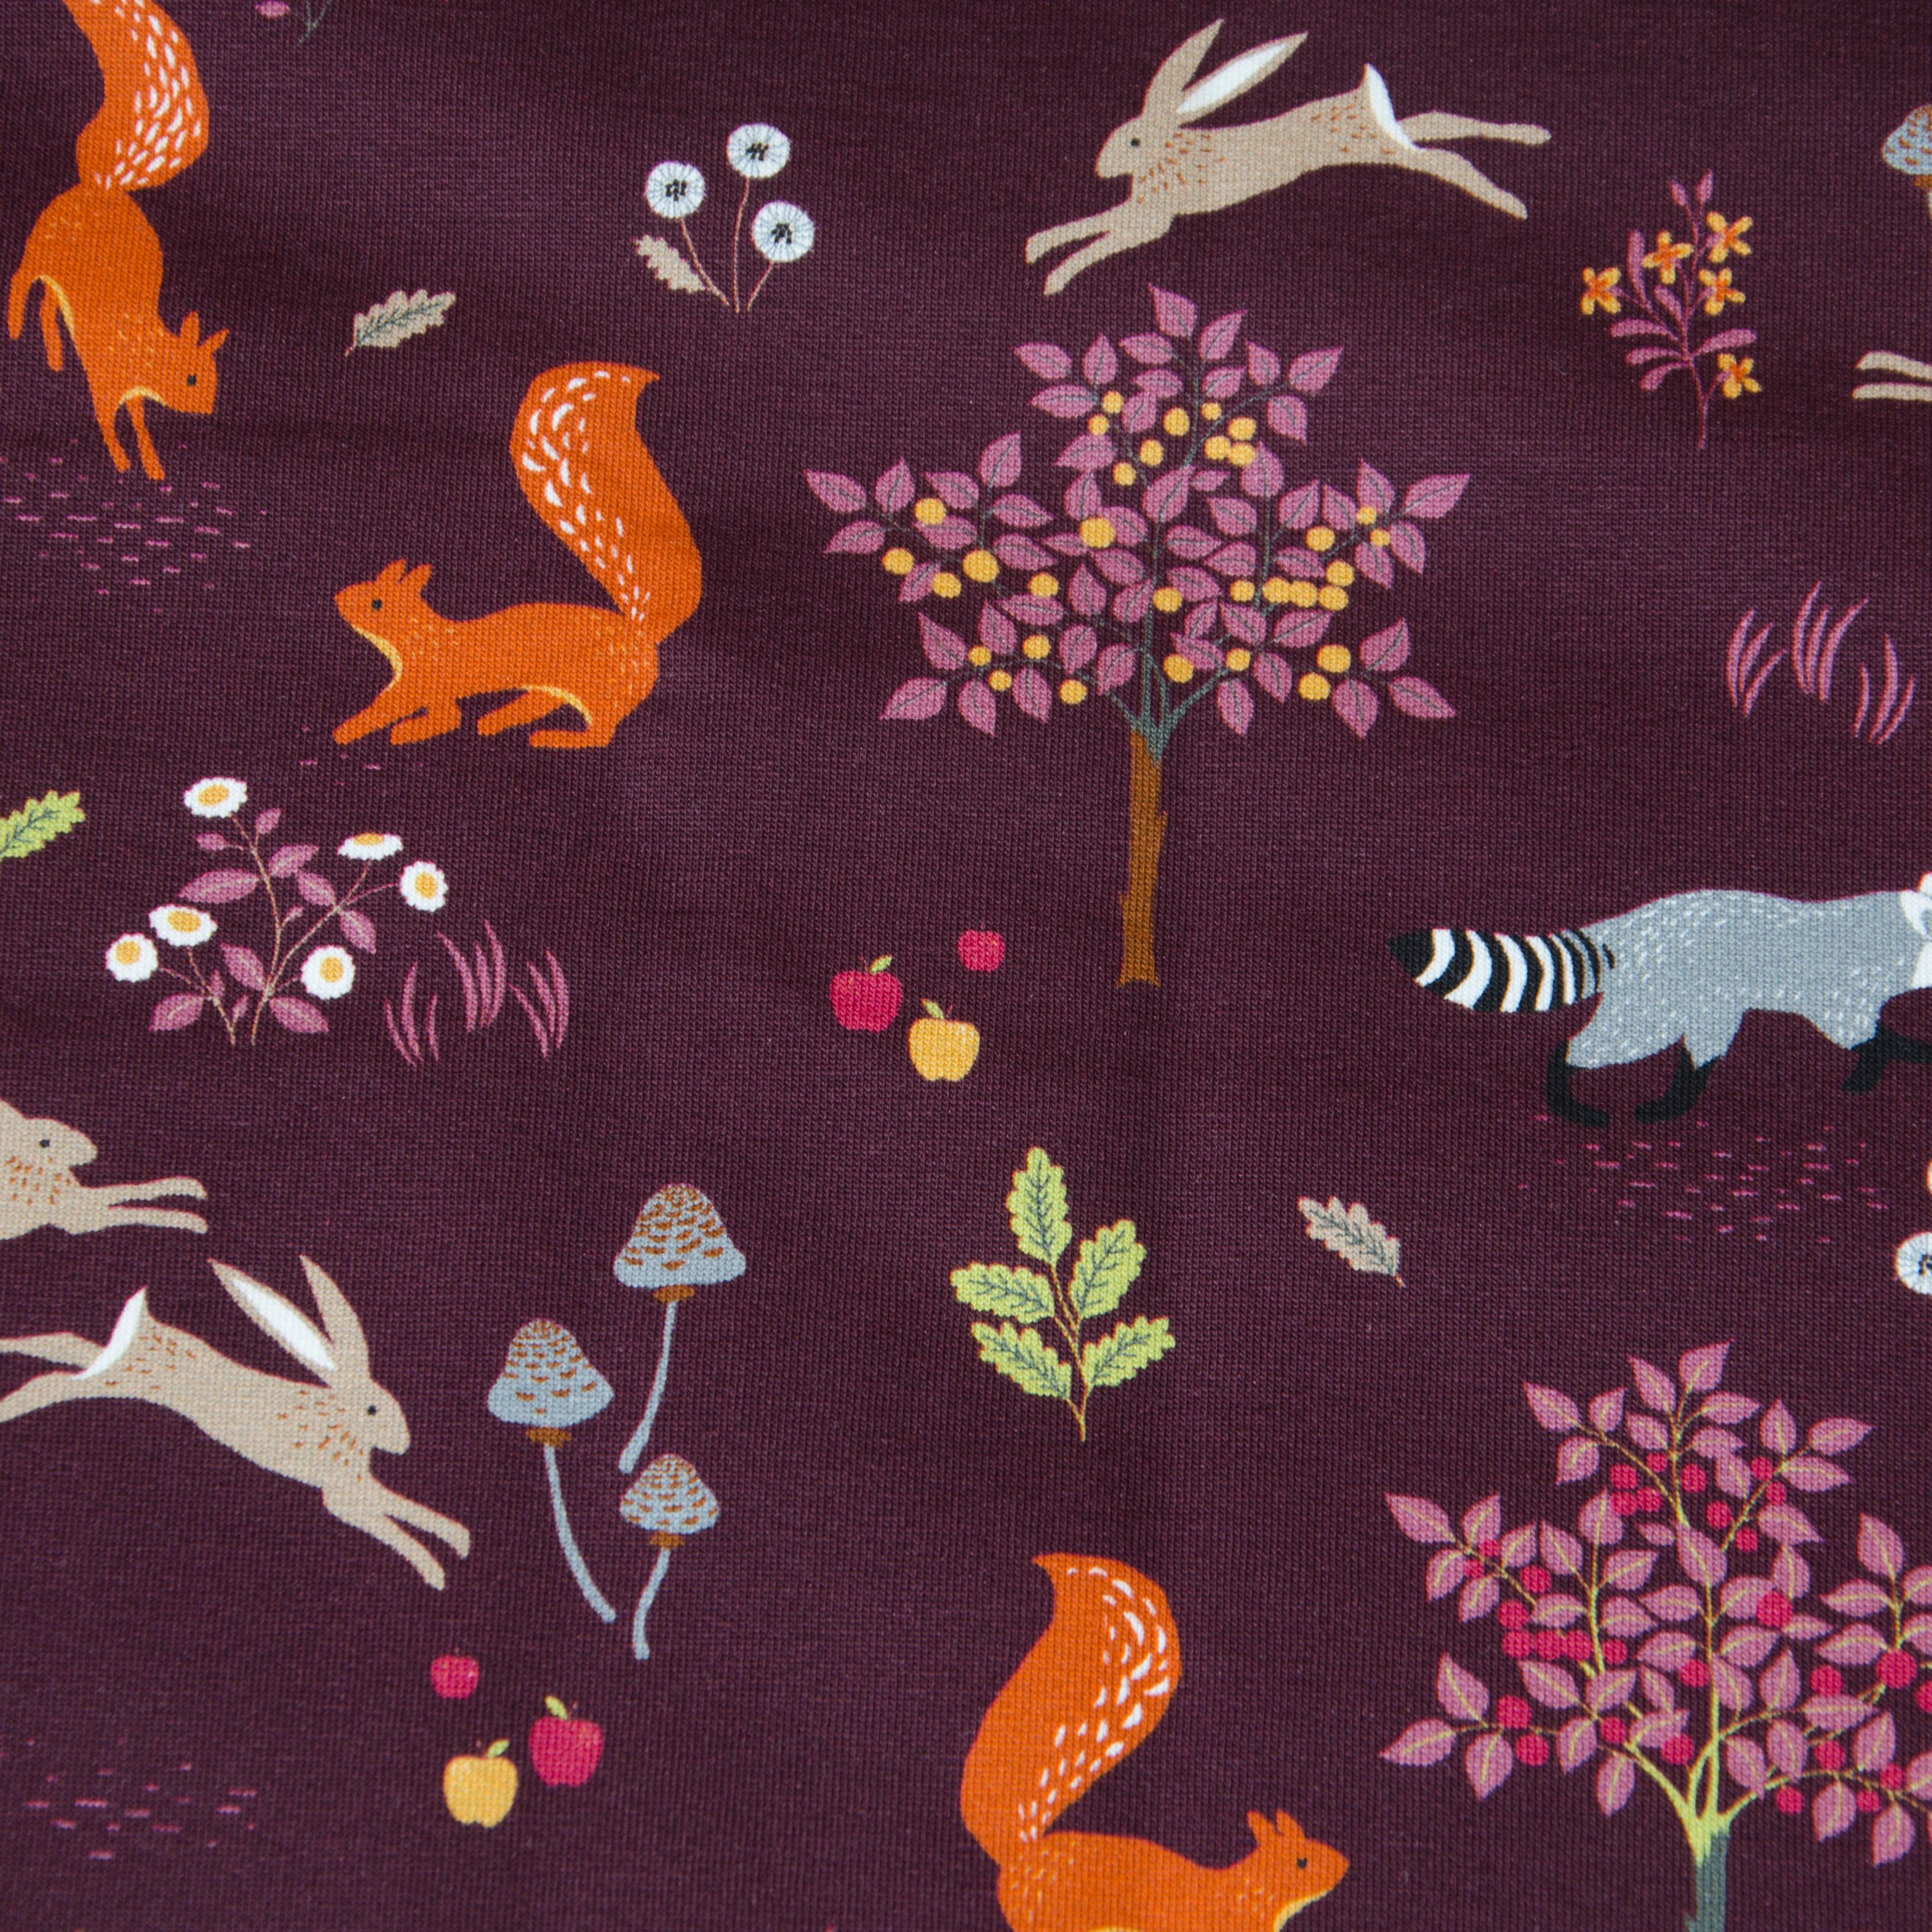 Sweat - Animals in the Forest von Hilco